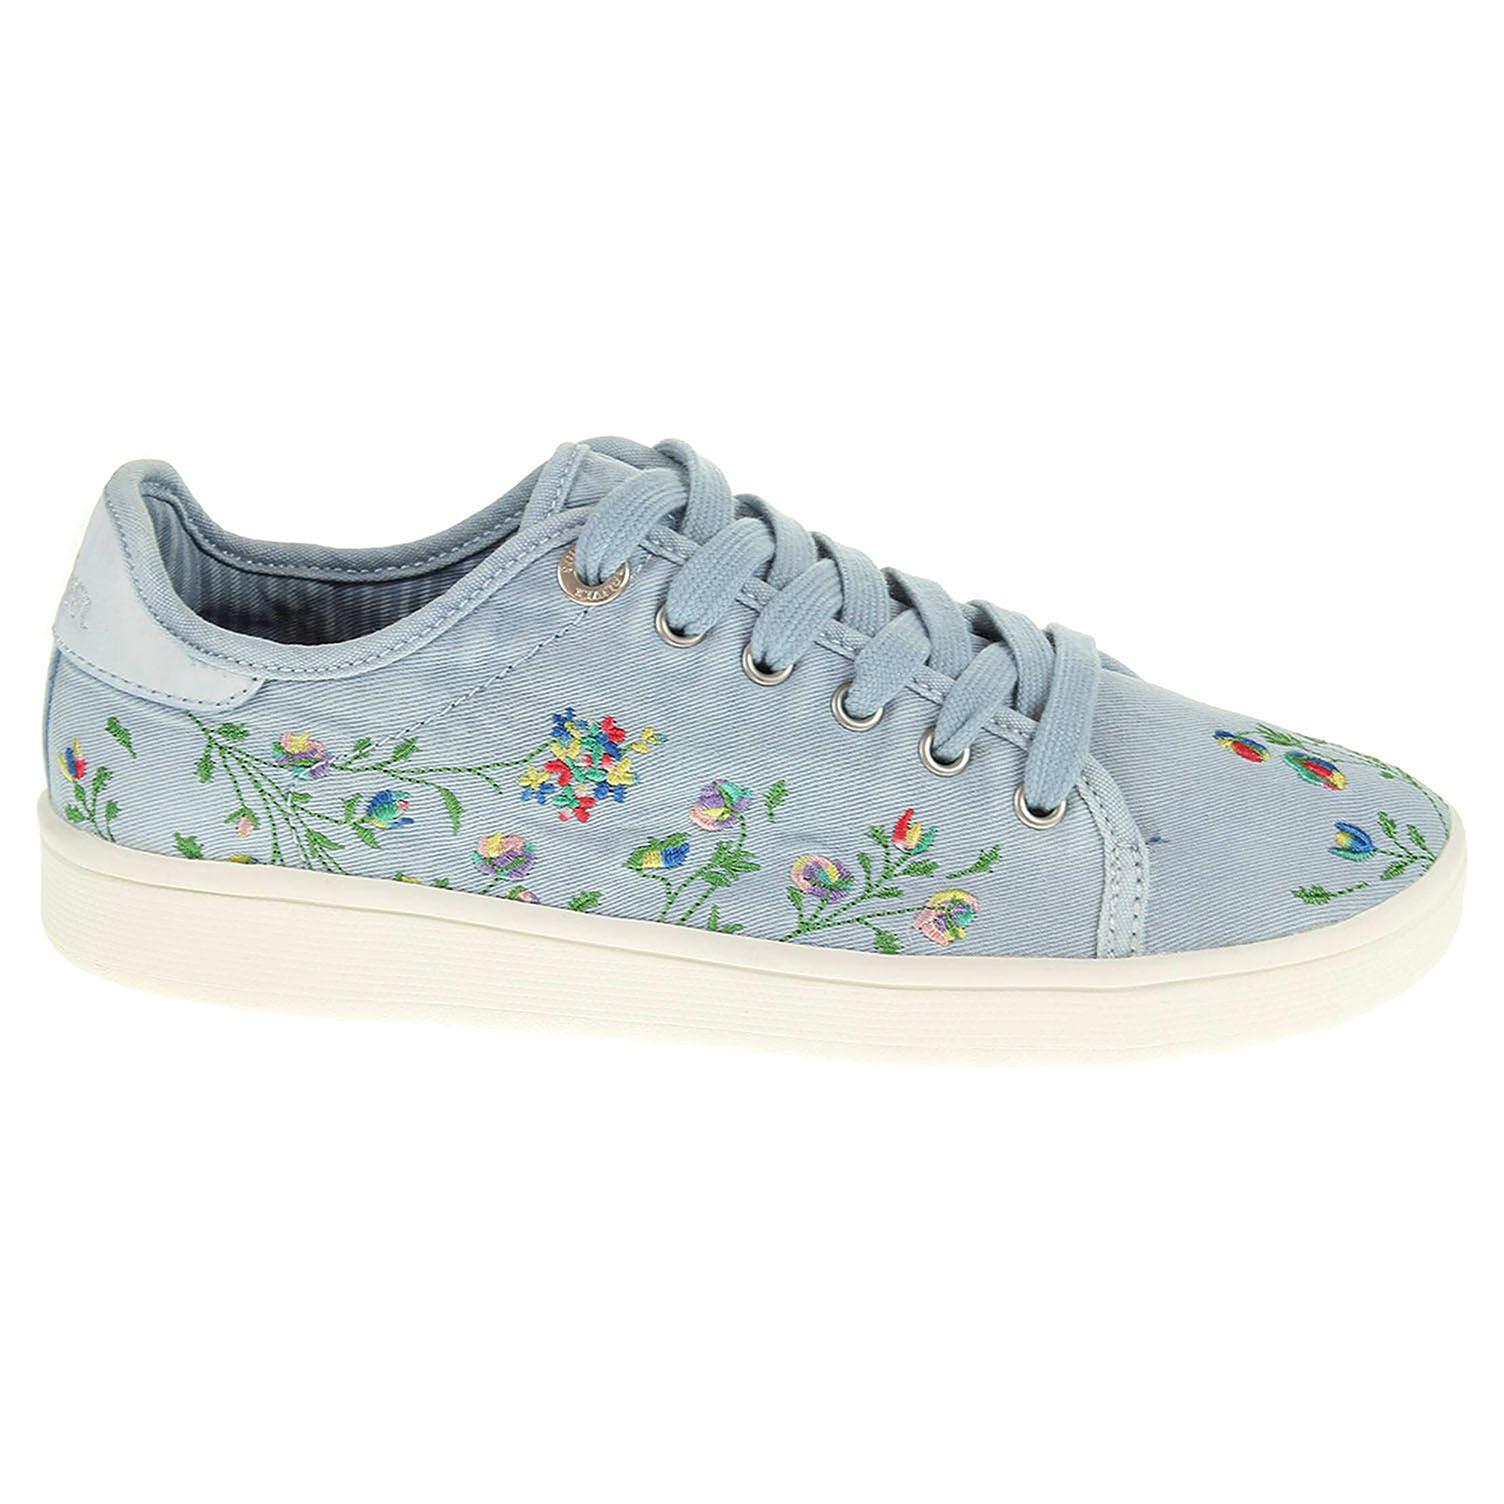 Dámská obuv s.Oliver 5-23647-38 modrá 38